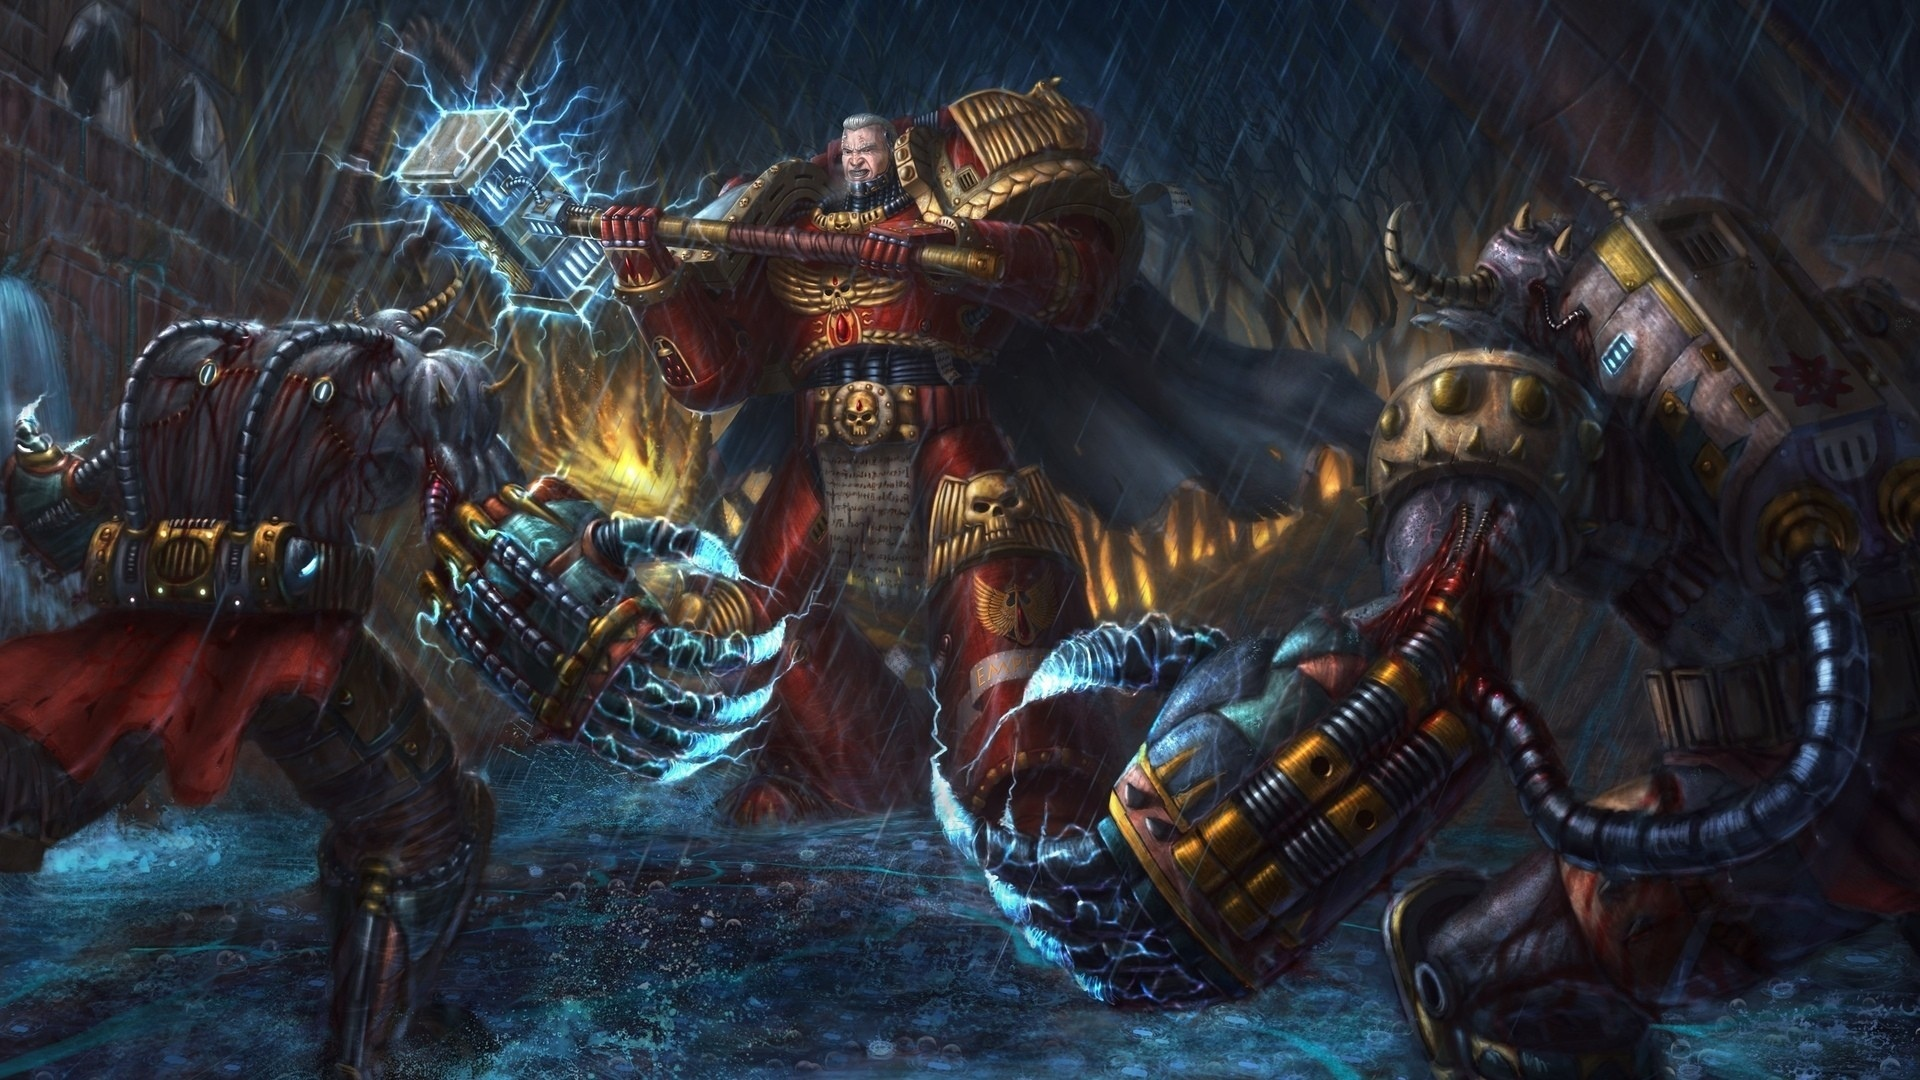 Warhammer 40k Space Marine Concept Art Warhammer 40k Space Marines